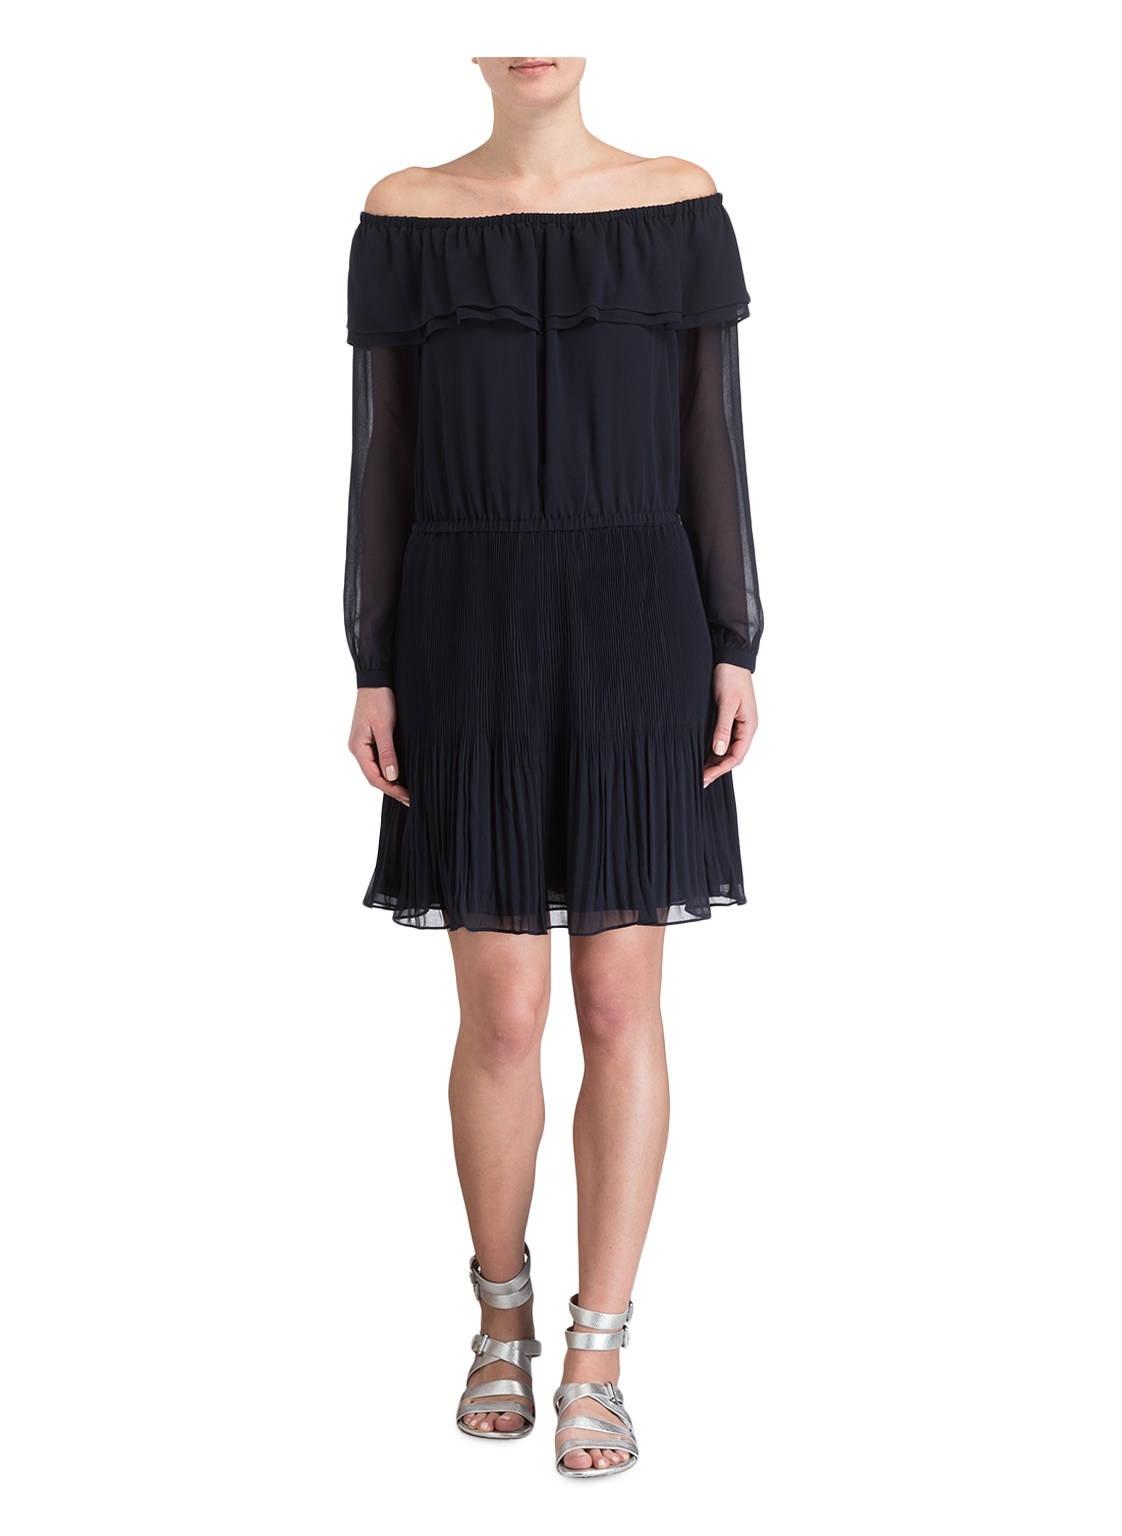 17 Schön Schwarzes Kleid Knielang Boutique20 Schön Schwarzes Kleid Knielang Ärmel